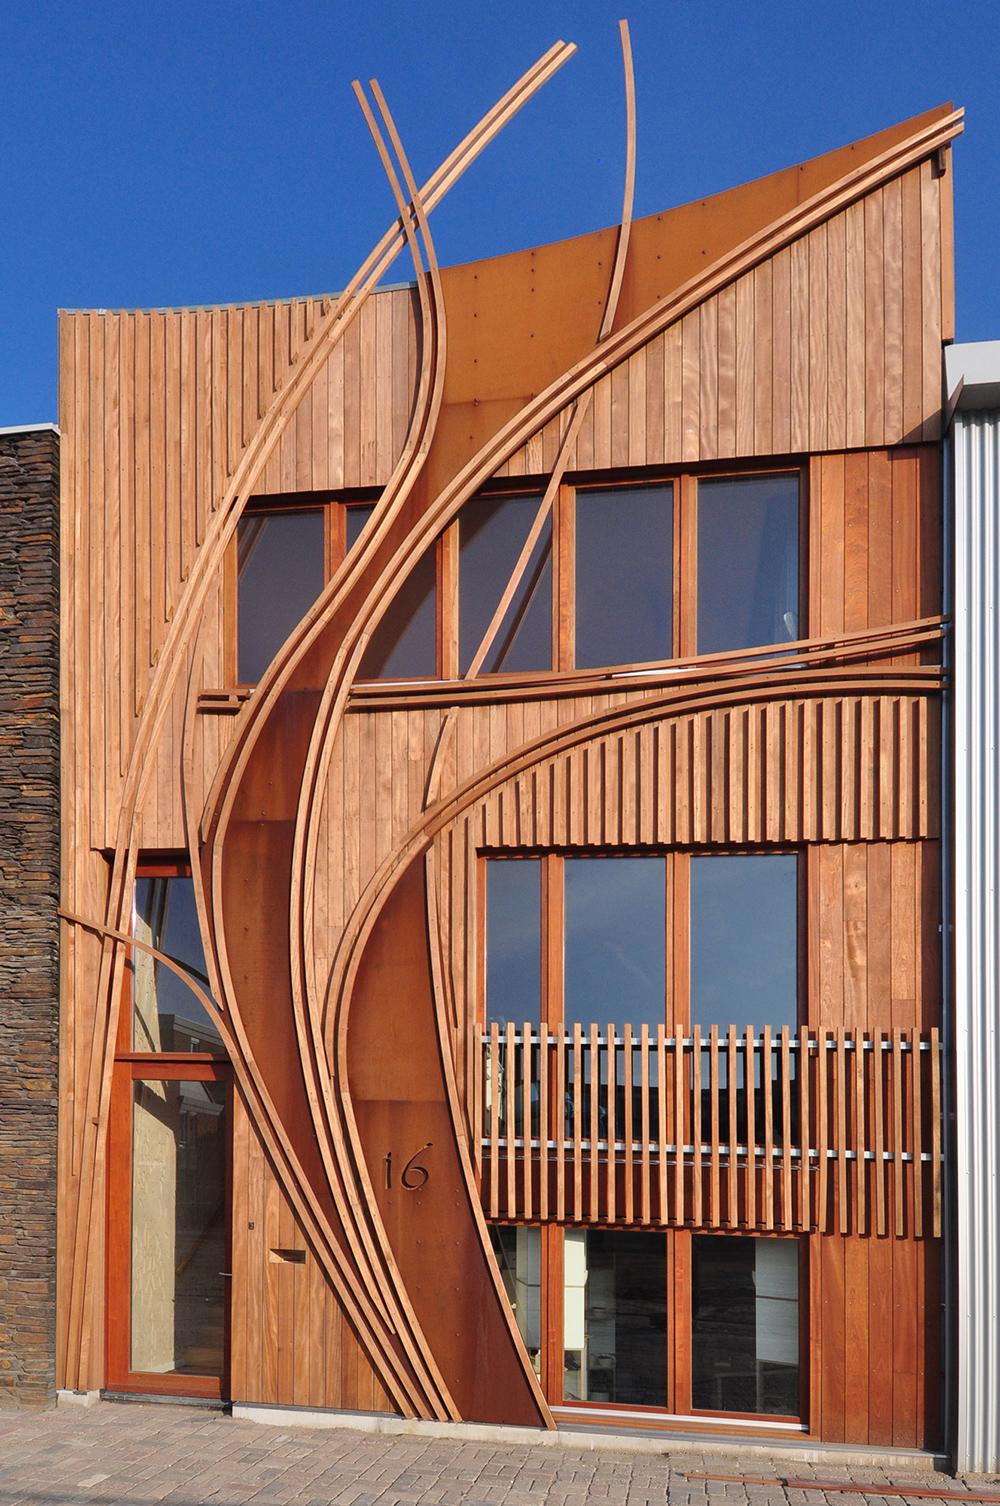 Contemporary Artistic Wooden Exterior